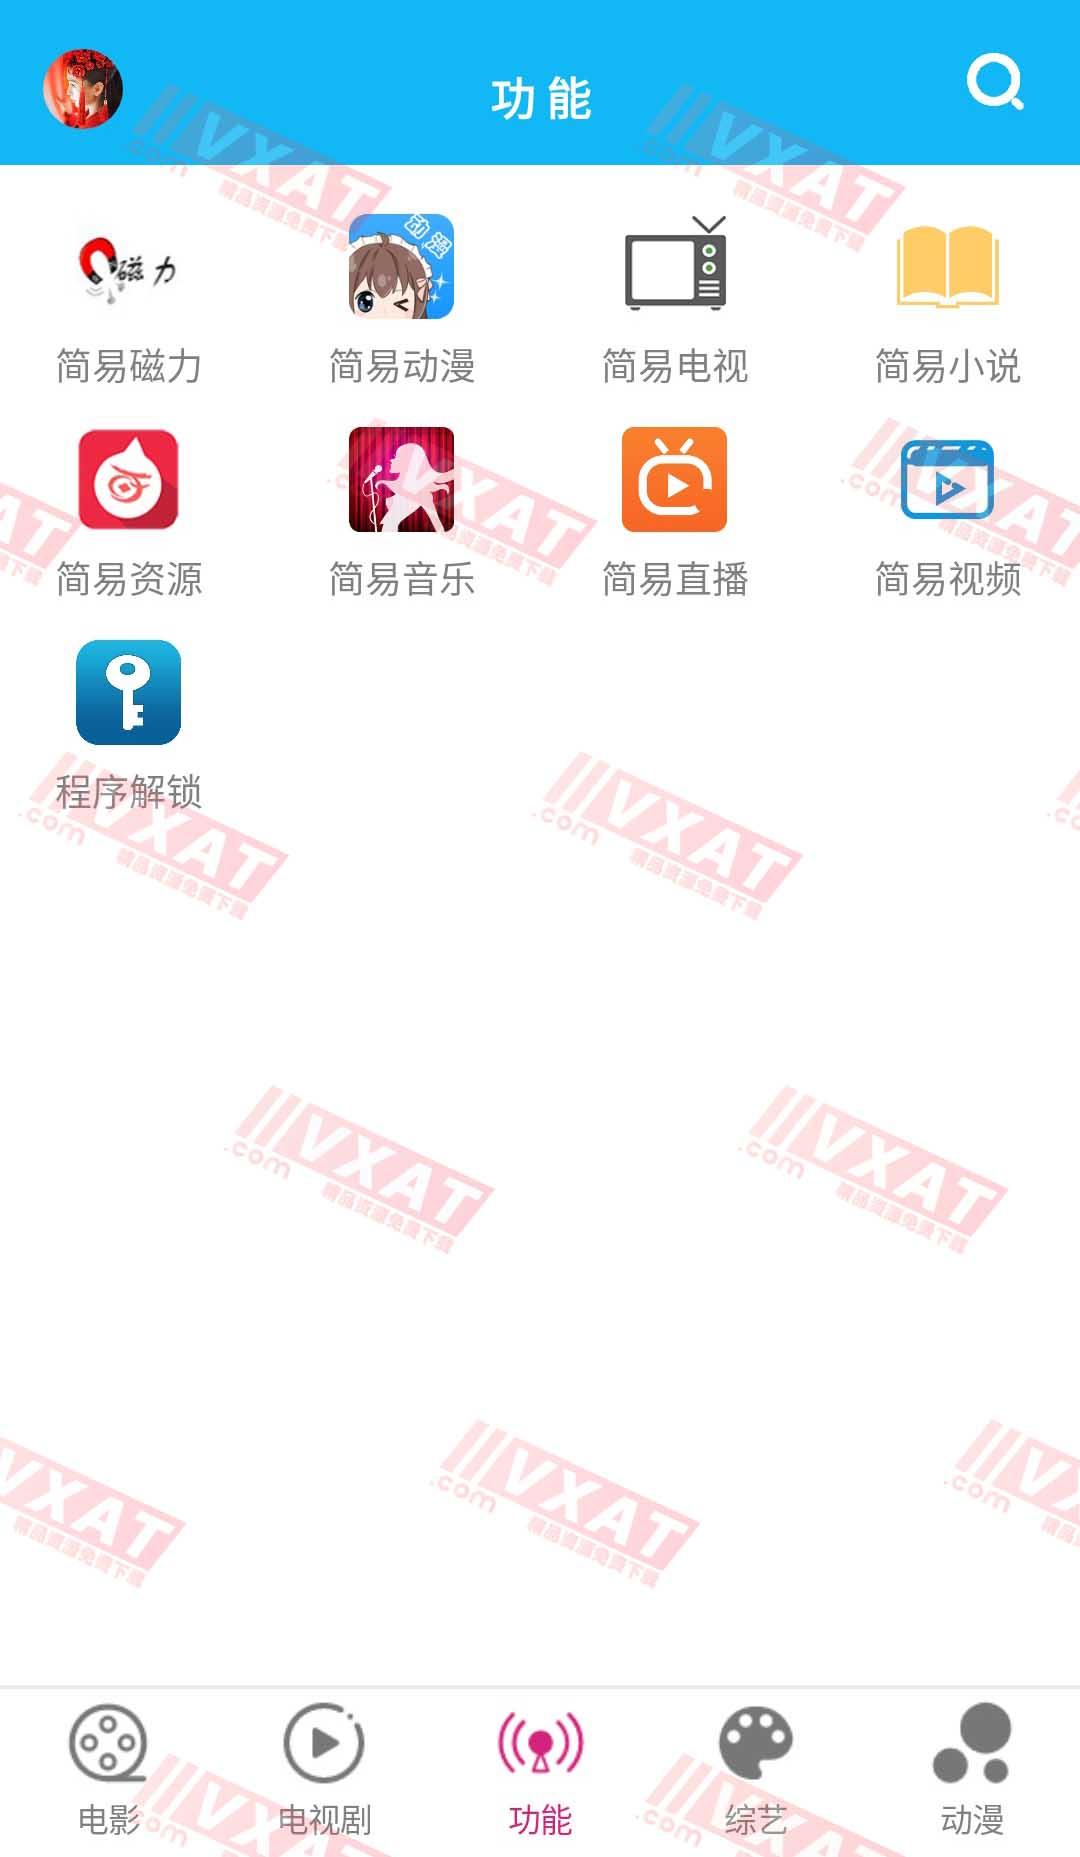 简易视频 v1.8.5 解锁永久VIP粉丝特权版